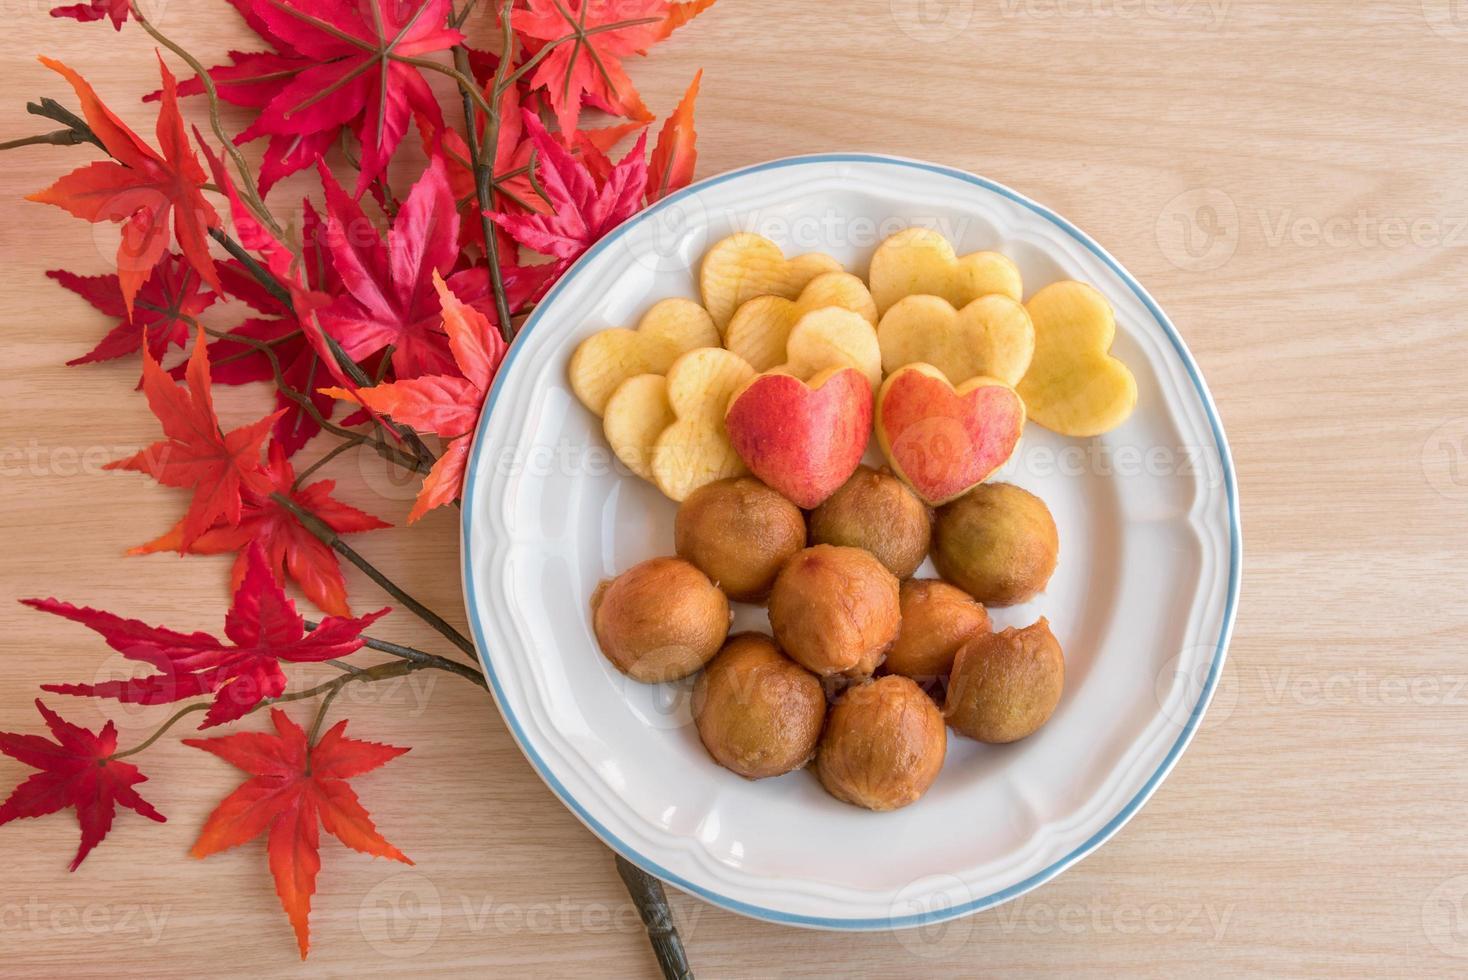 fruta para dieta e saudavel foto